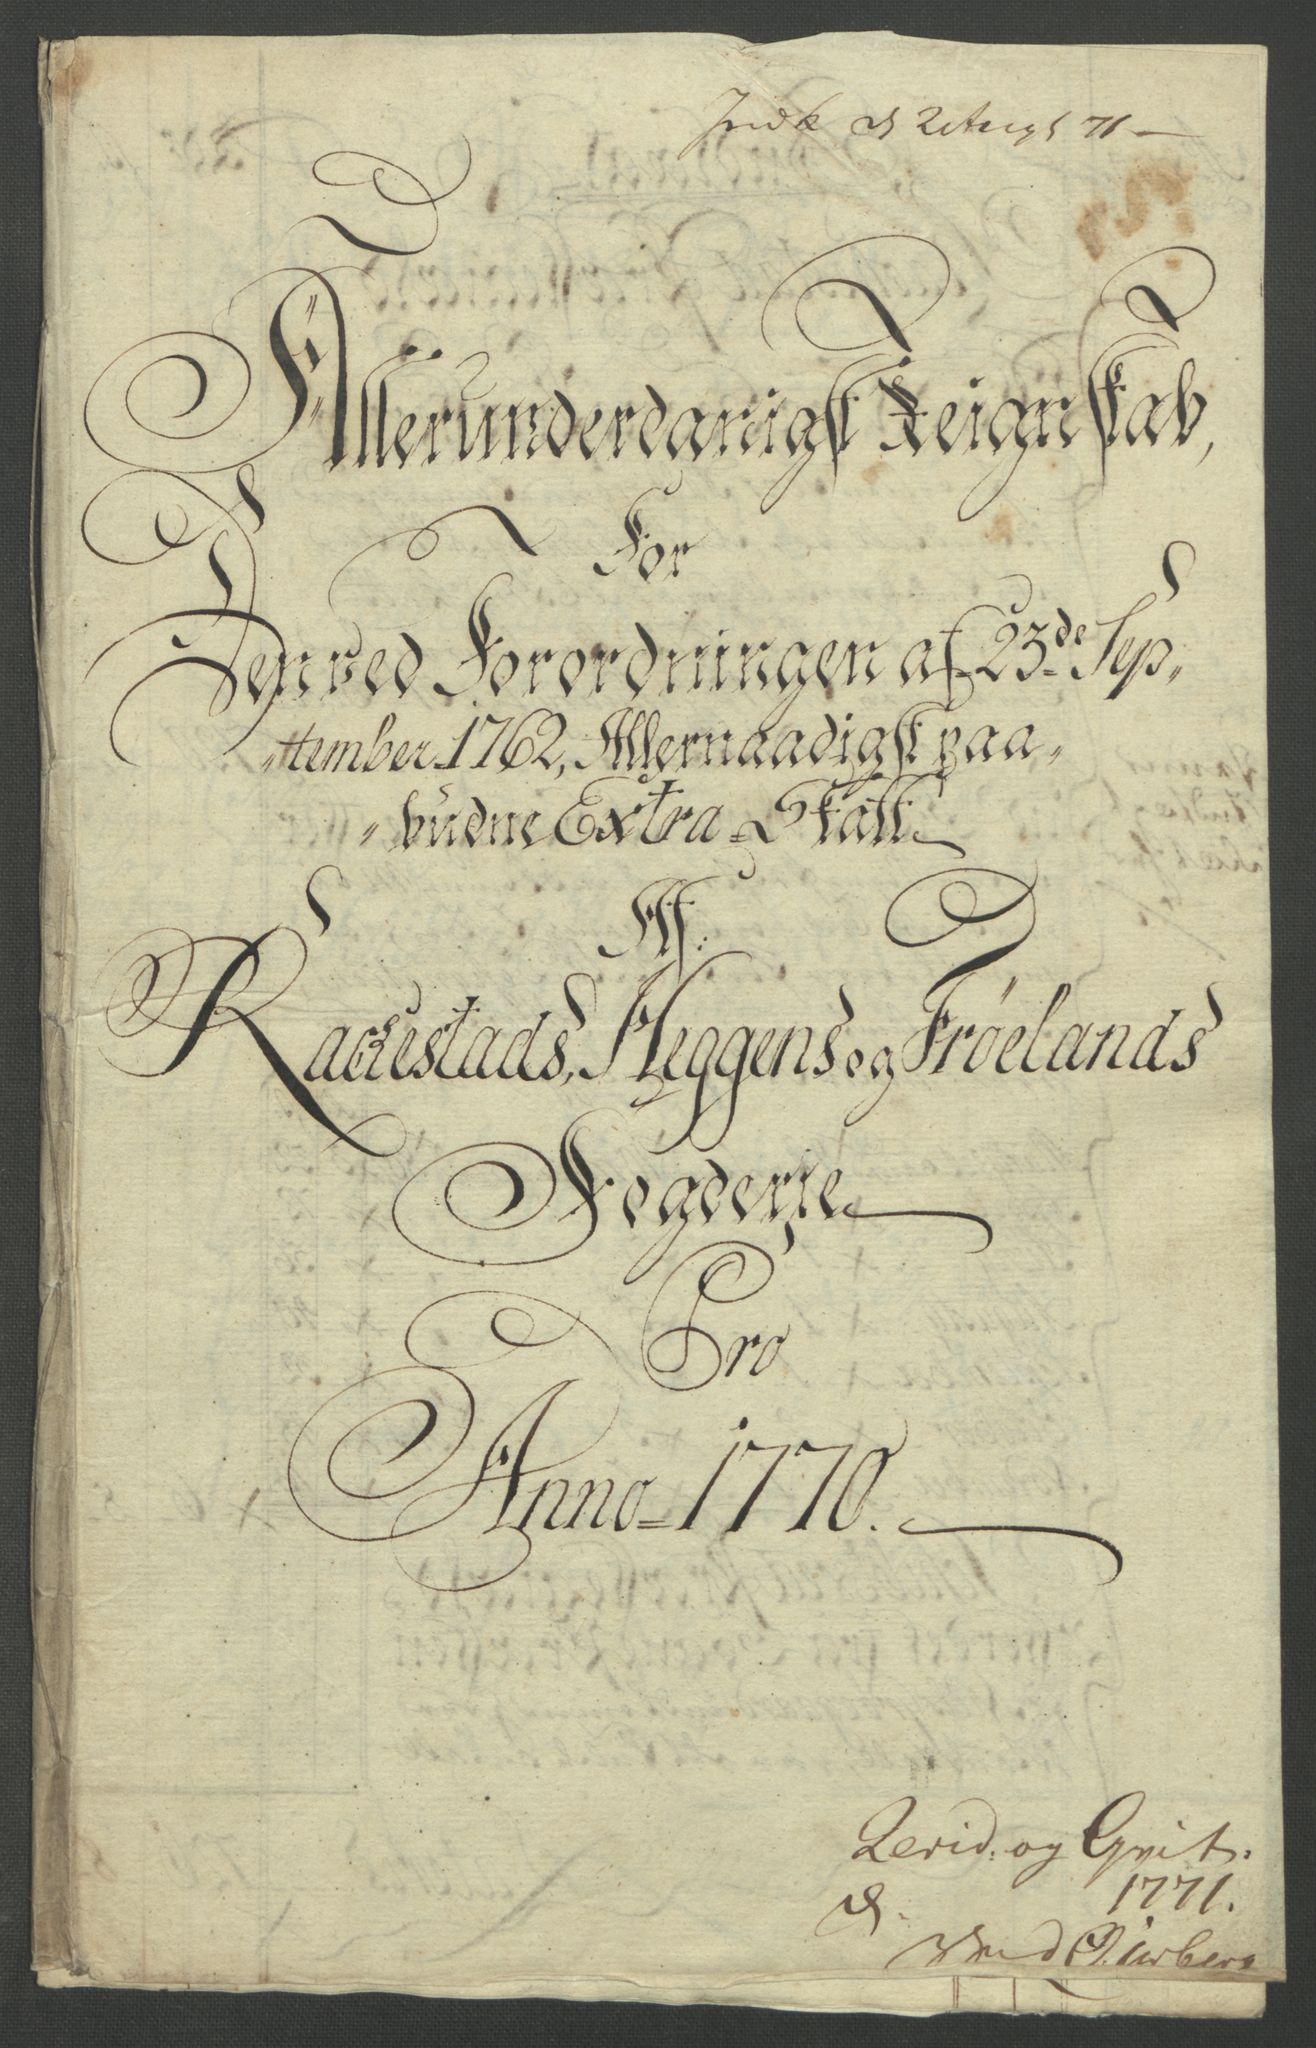 RA, Rentekammeret inntil 1814, Reviderte regnskaper, Fogderegnskap, R07/L0413: Ekstraskatten Rakkestad, Heggen og Frøland, 1762-1772, s. 435